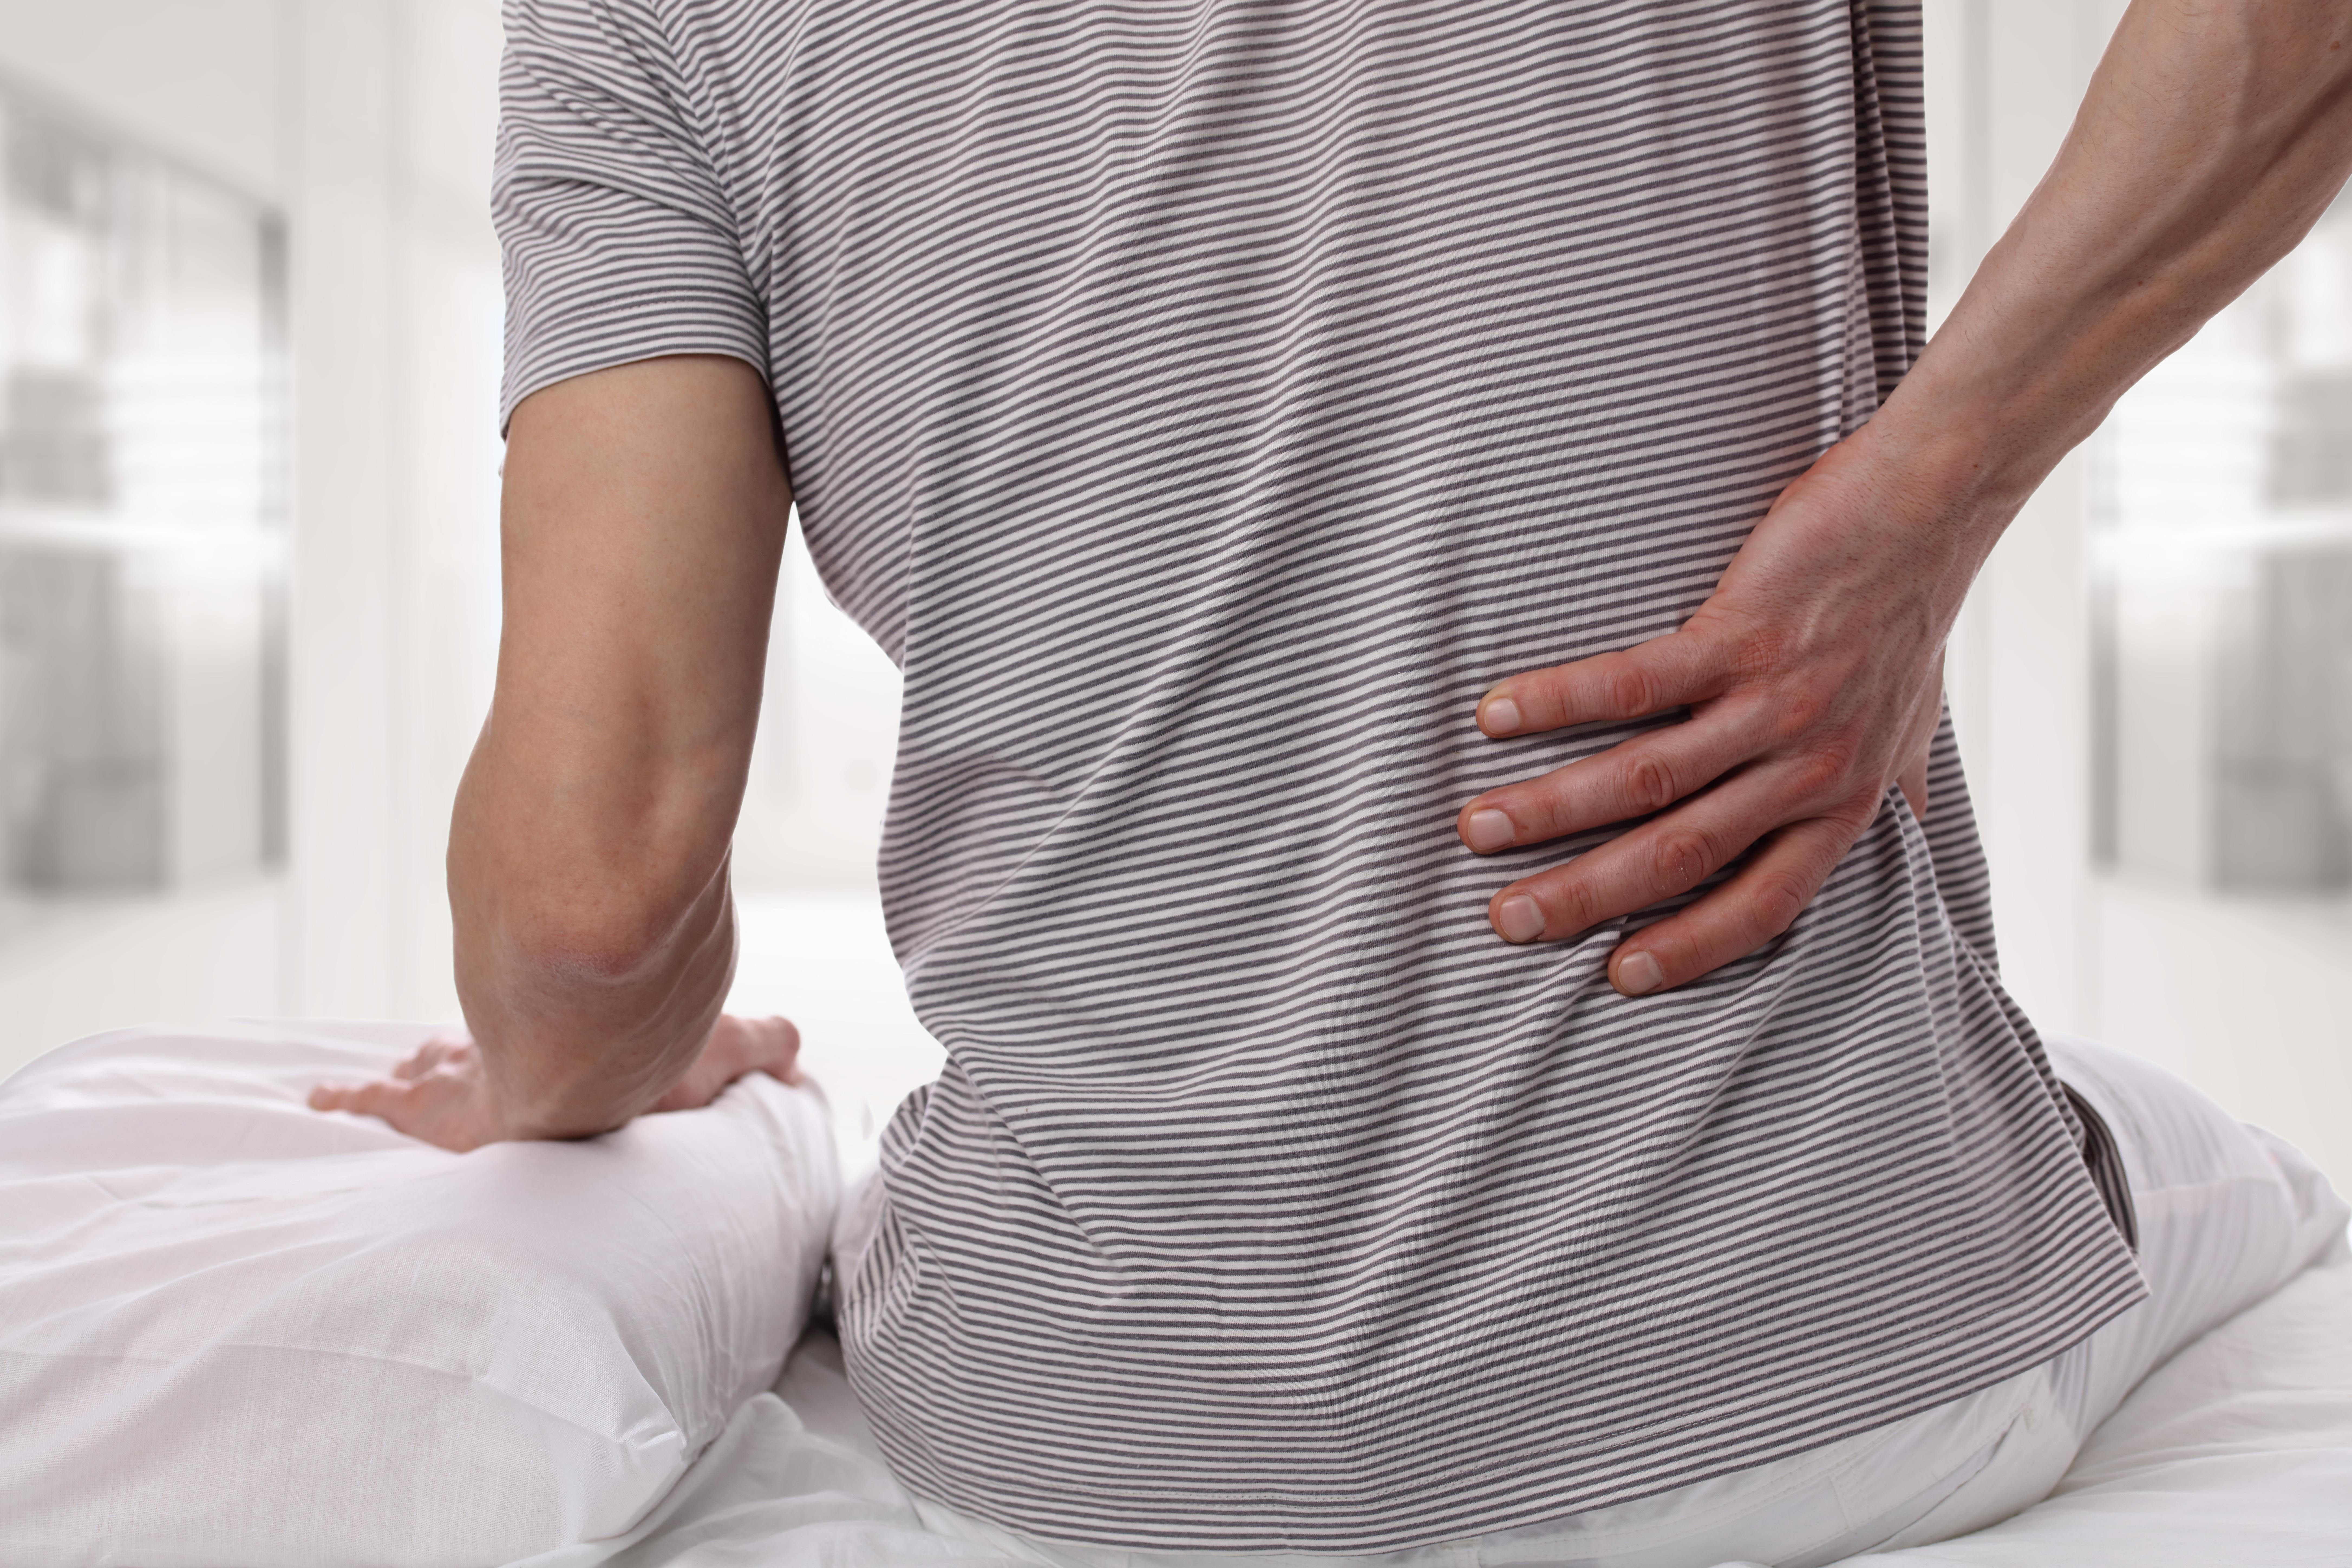 Stelhet eller smärta, vad skall man behandla?